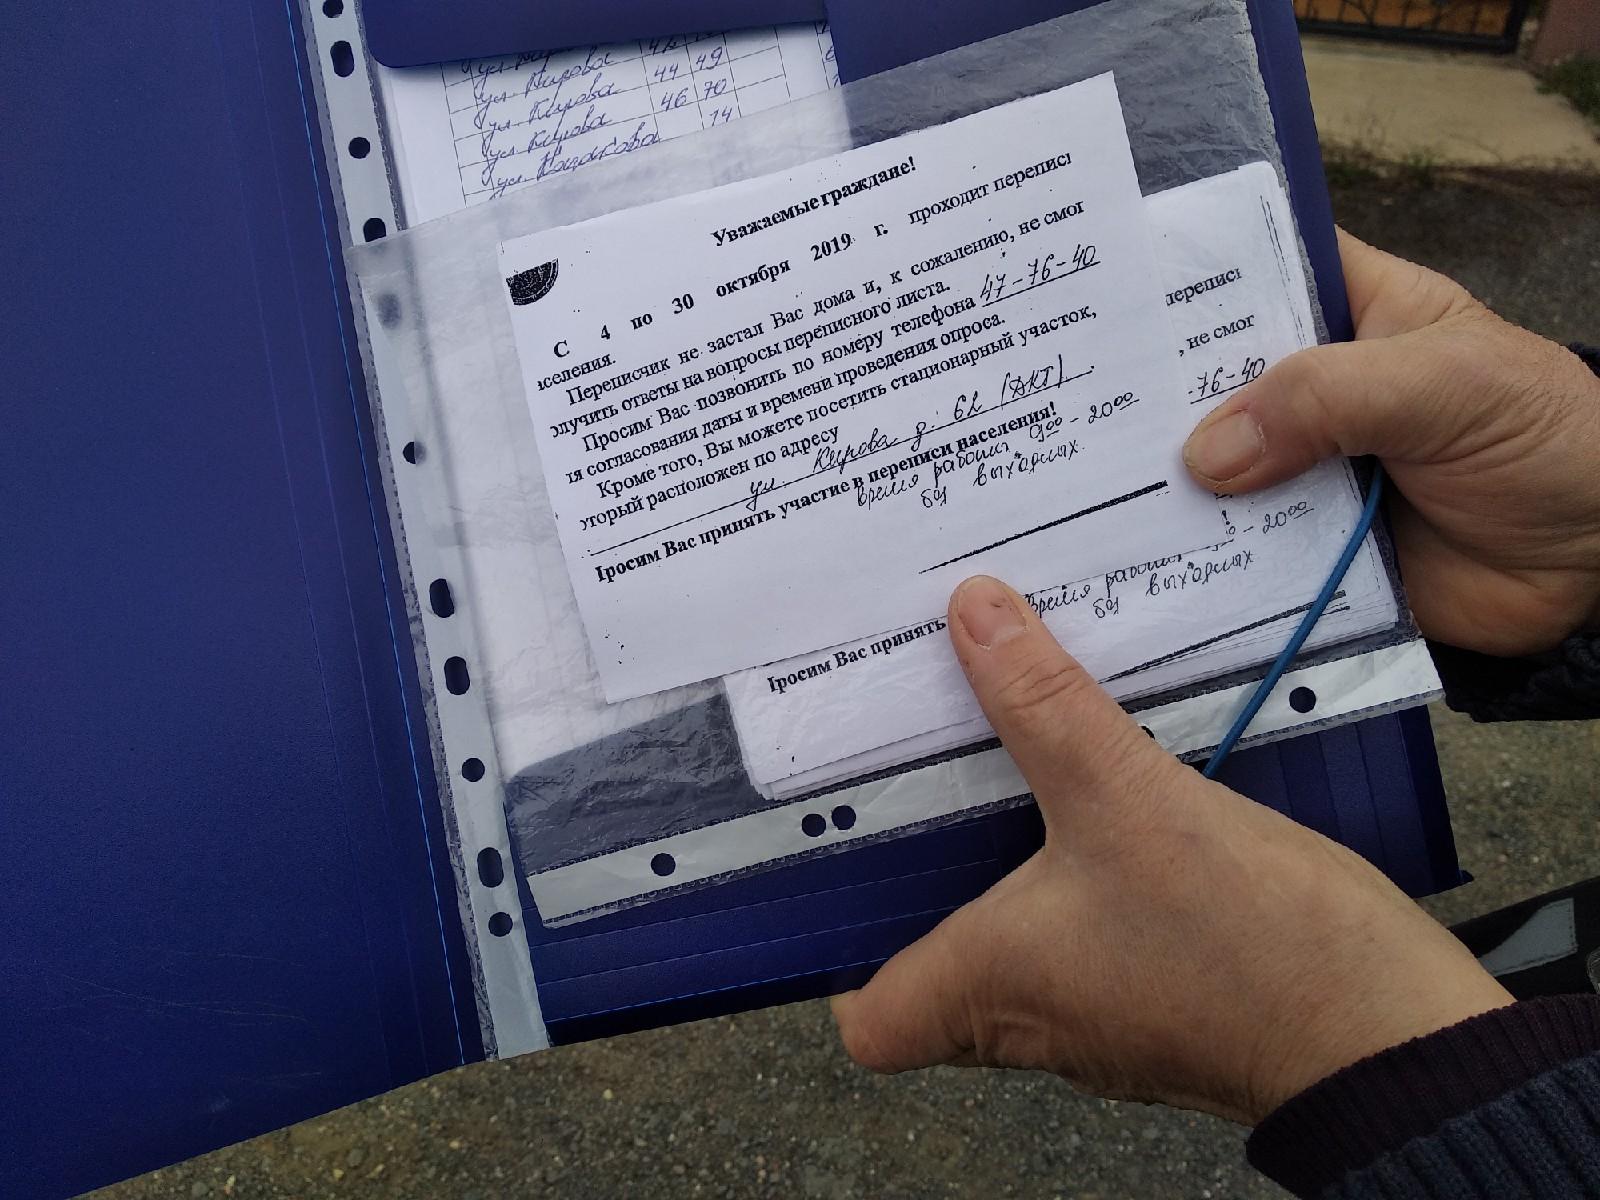 Уведомления, которые оставляют переписчики. Фото: Ирина Комик